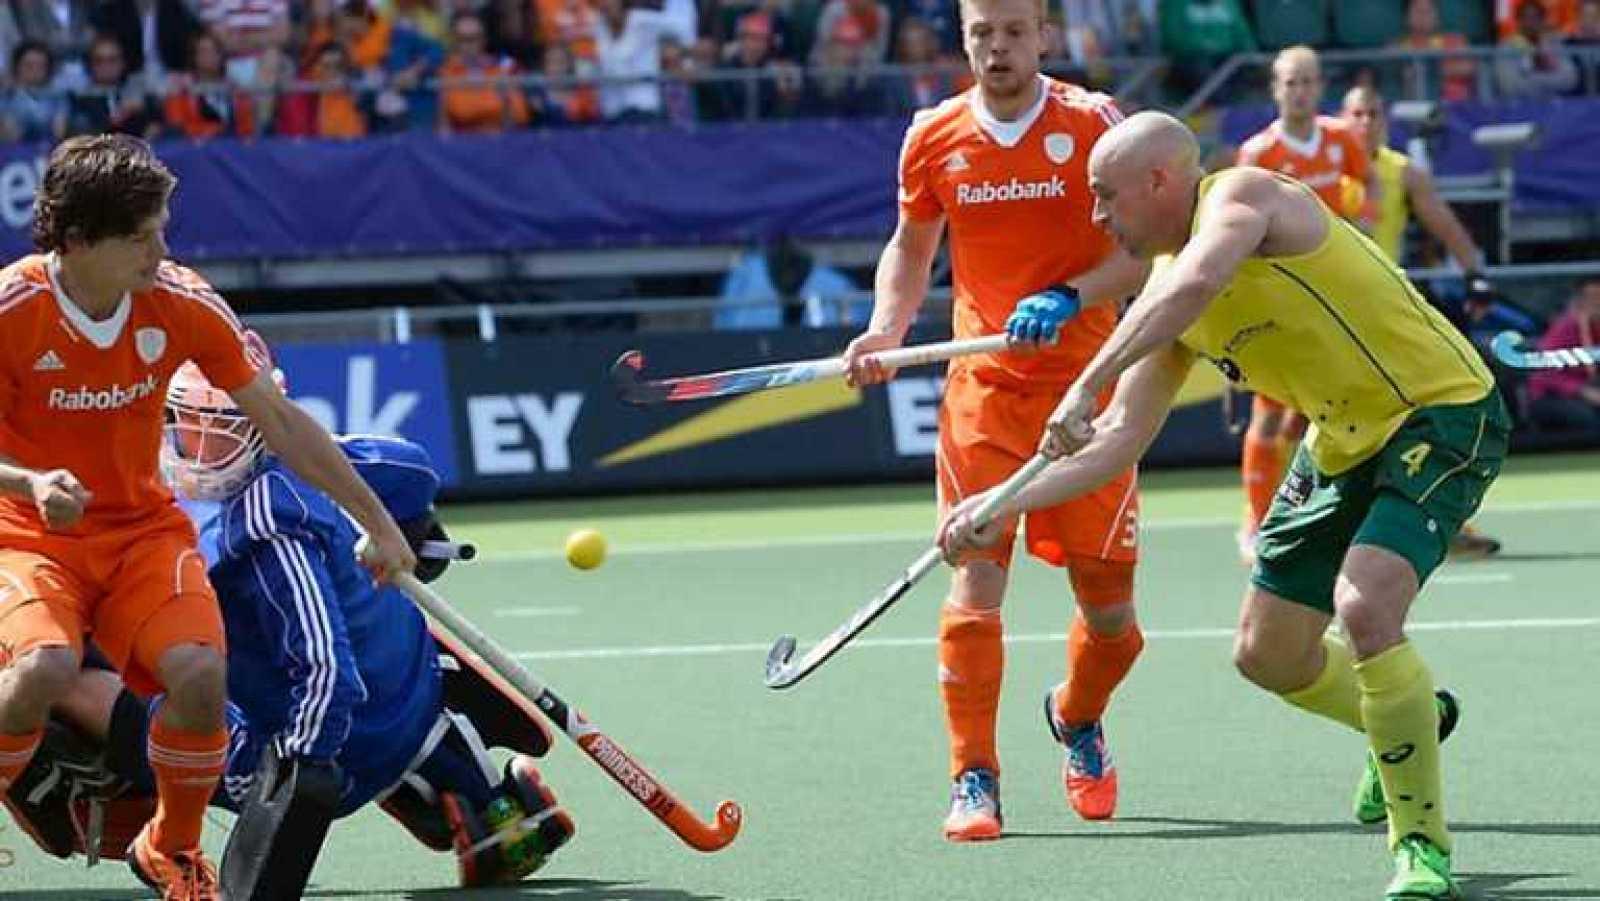 Hockey hierba - Campeonato del Mundo. Final. Australia - Holanda. Desde La Haya (Holanda) - ver ahora